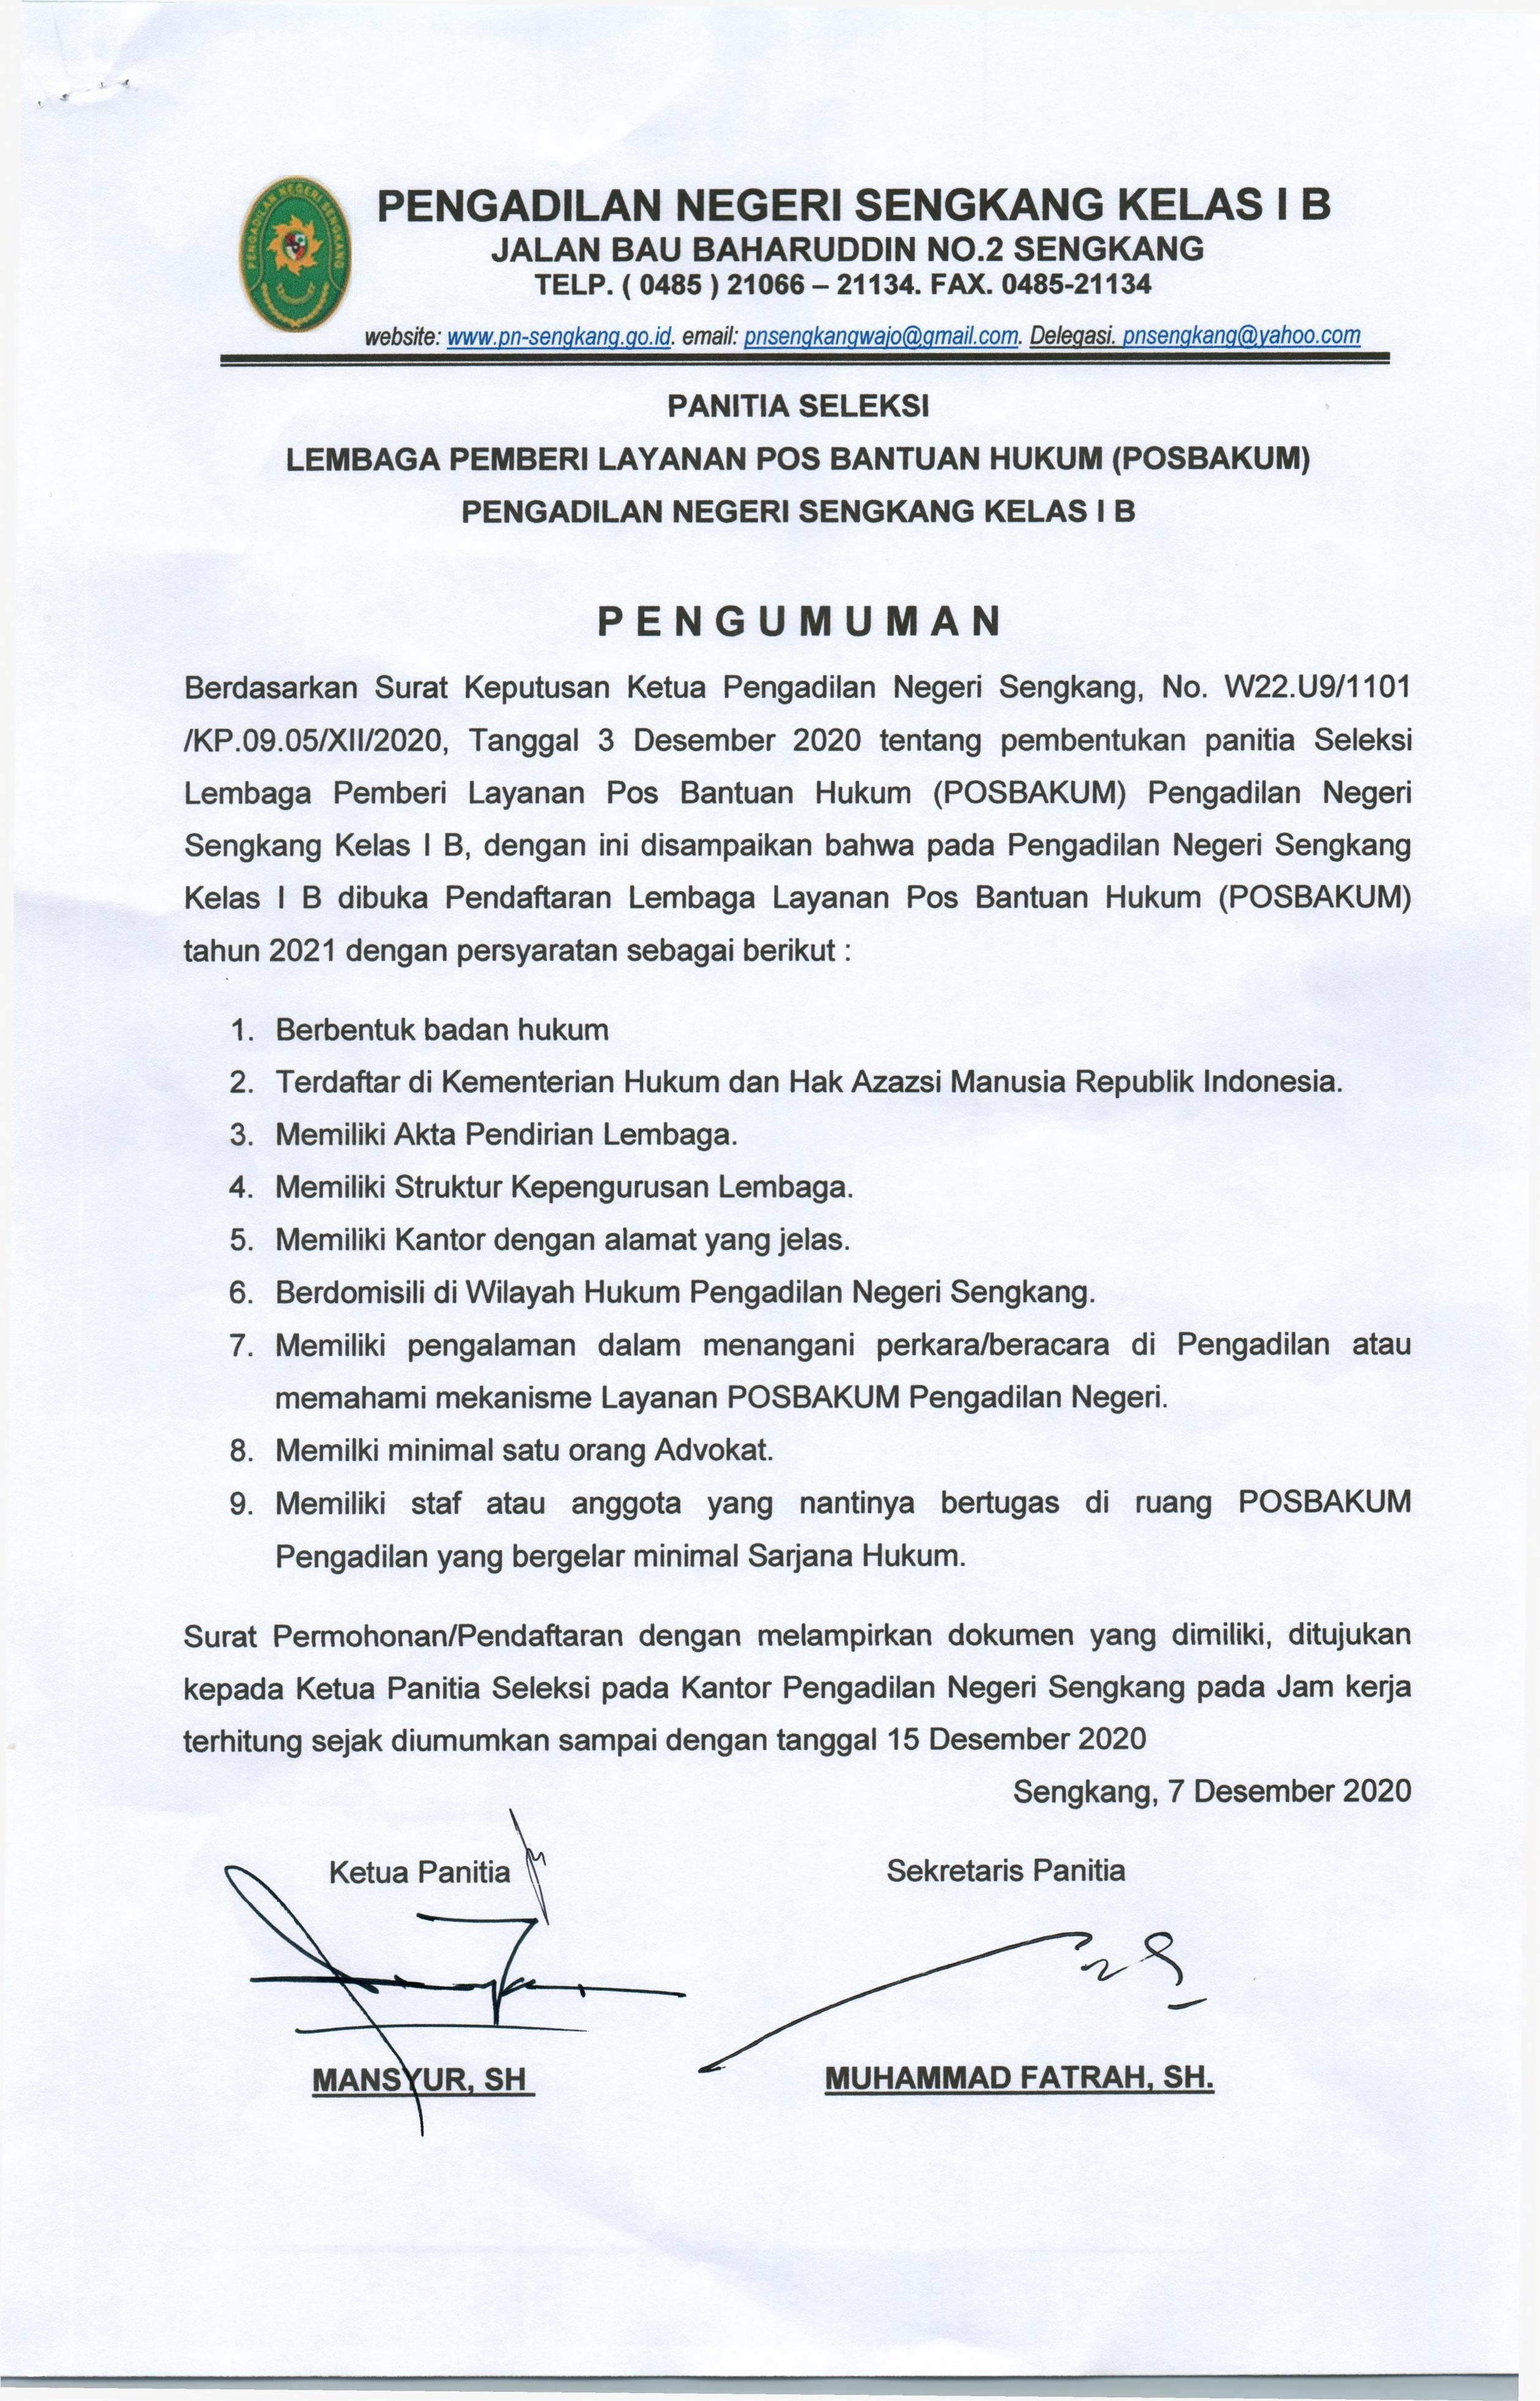 PENGUMUMAN PENDAFTARAN POSBAKUM TAHUN 2021